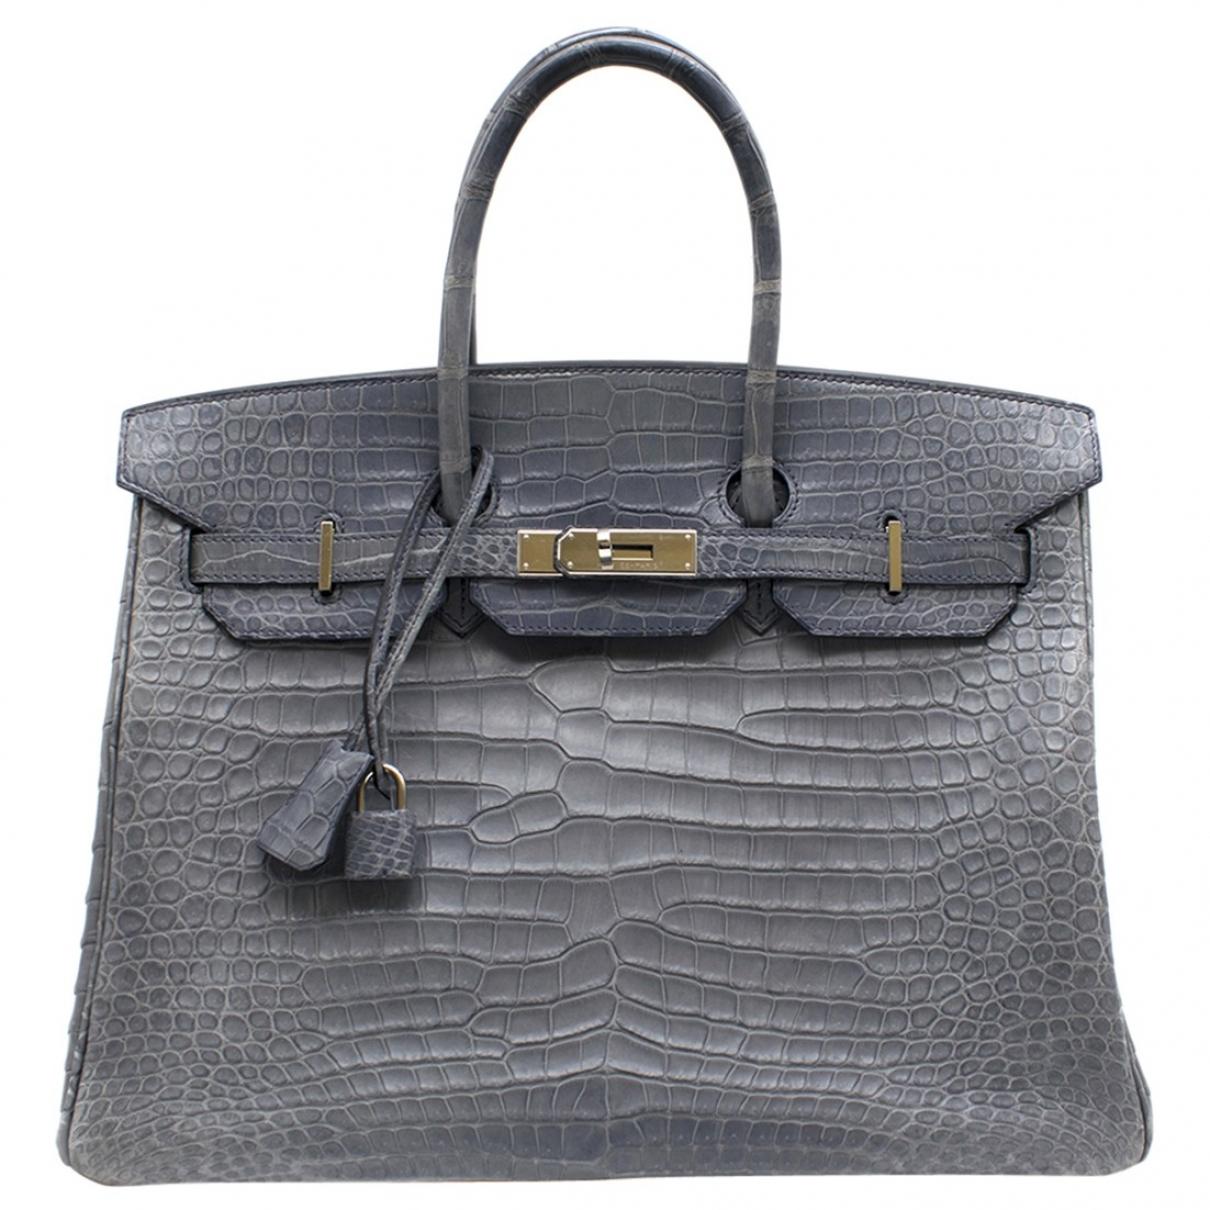 Hermes Birkin 35 Handtasche in  Blau Aligator